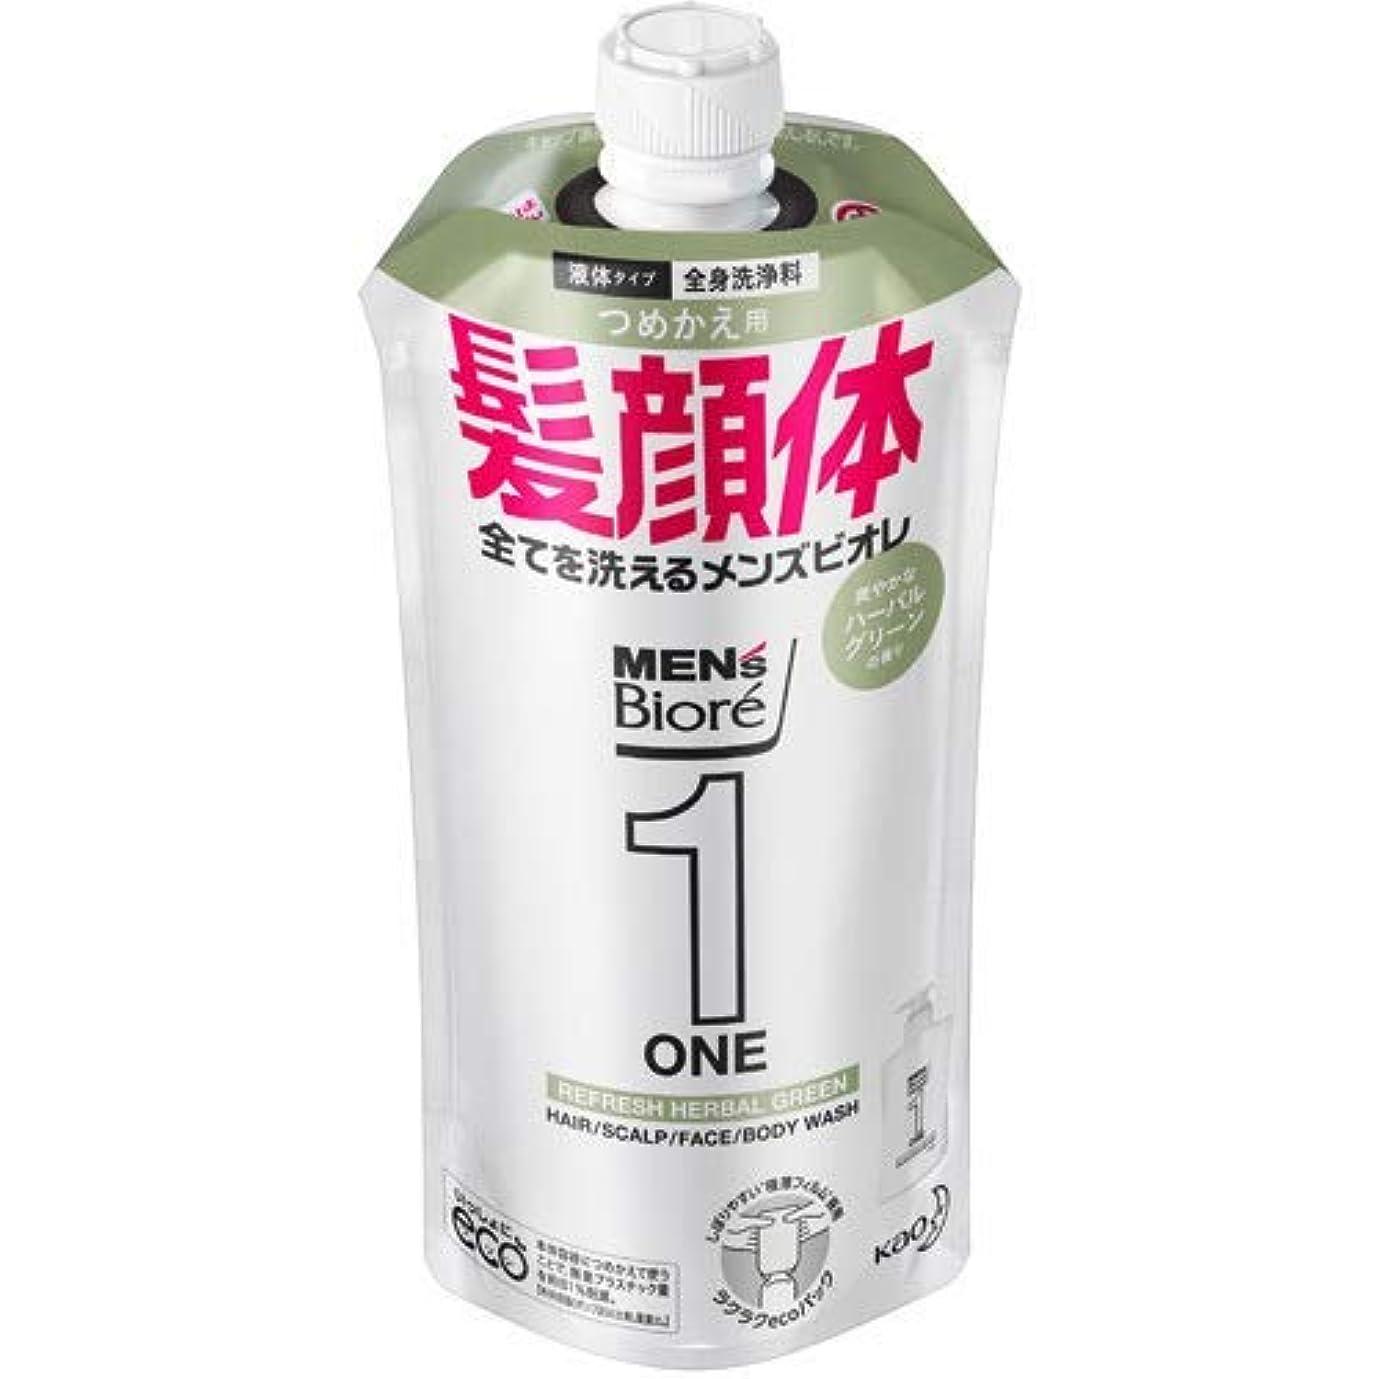 家事をする小数吐き出す【10個セット】メンズビオレONE オールインワン全身洗浄料 爽やかなハーブルグリーンの香り つめかえ用 340mL